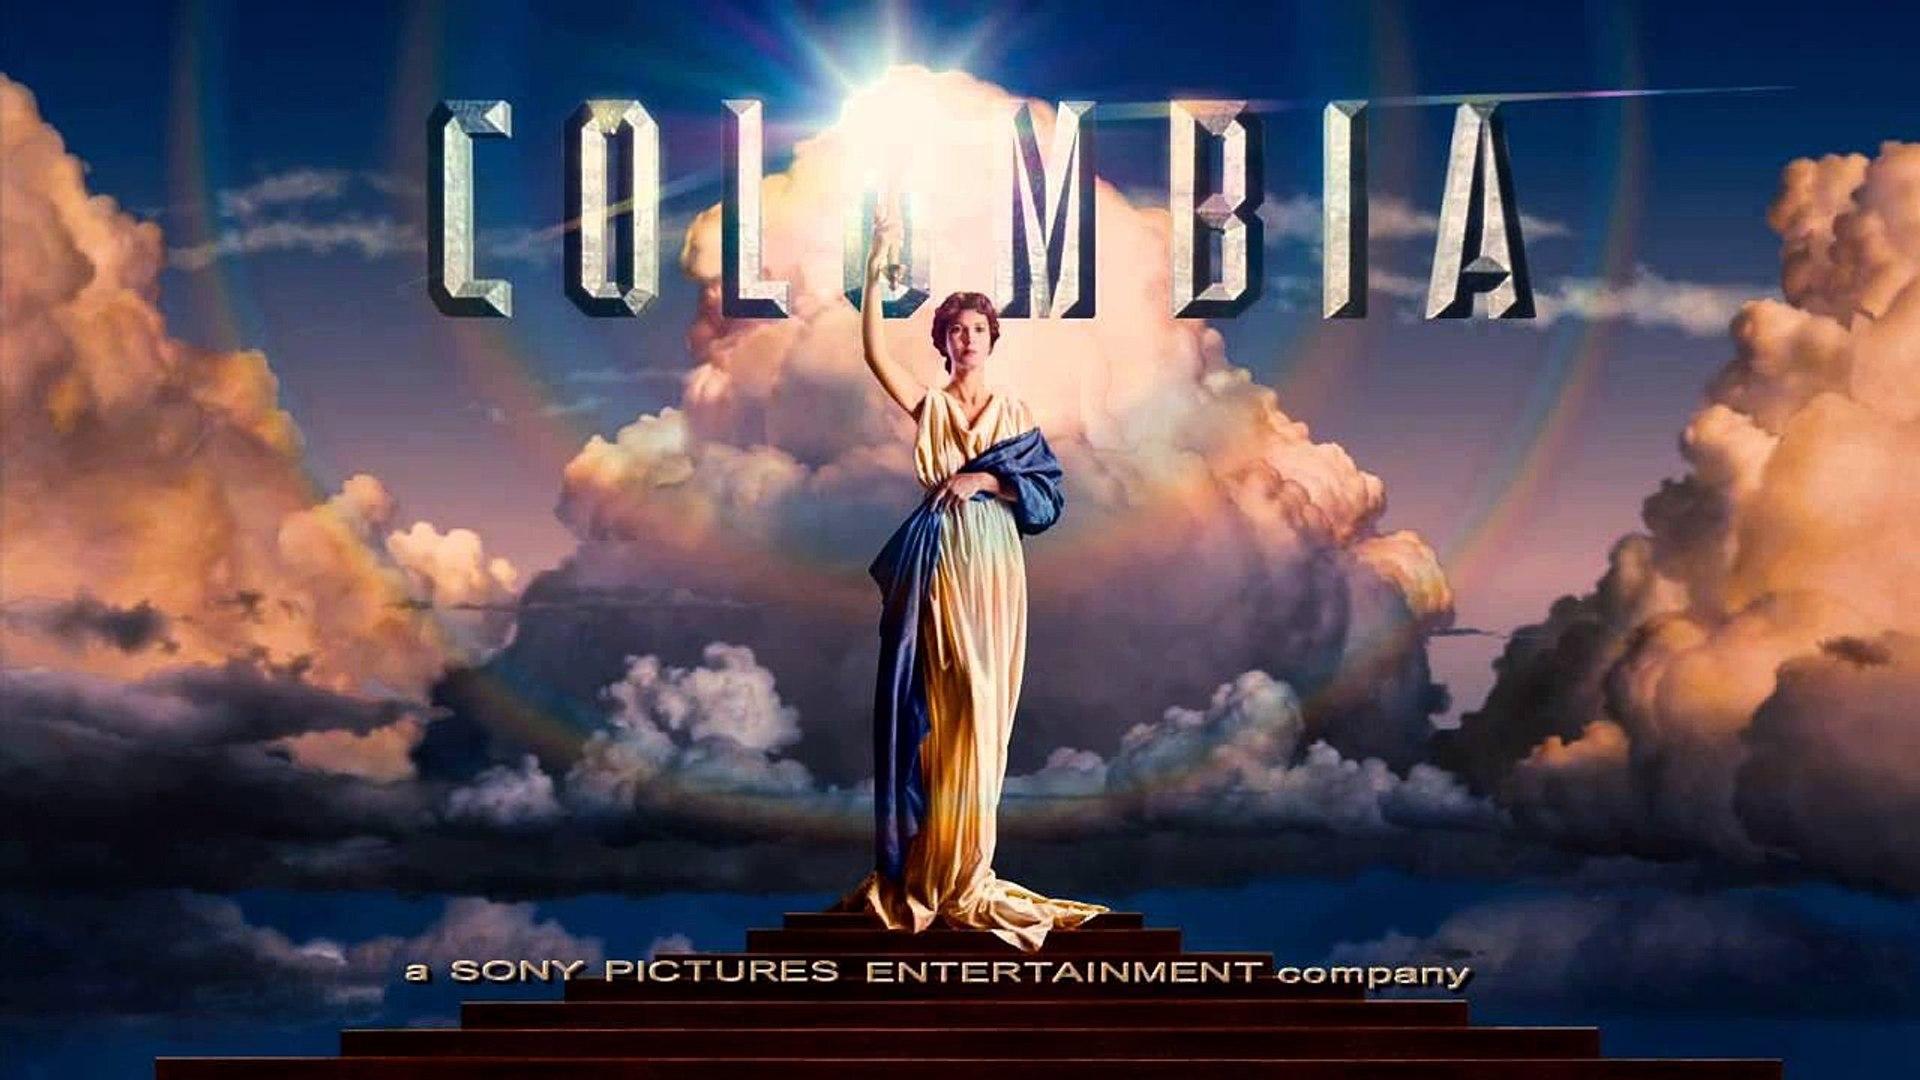 Full Movie Online Interstellar full movie